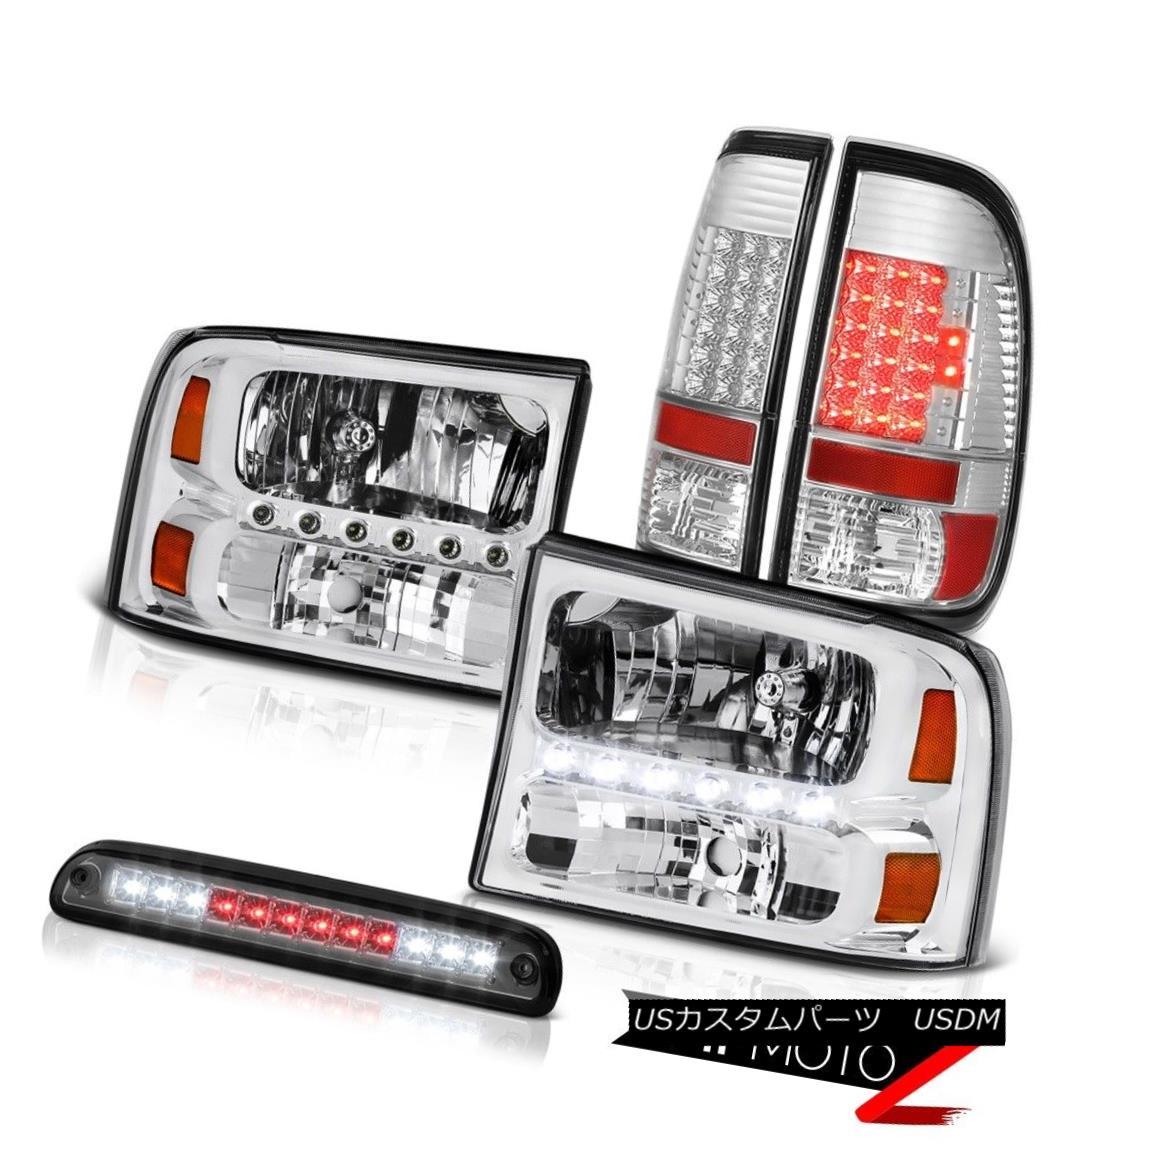 ヘッドライト 99-04 F250 5.4L Left Right Headlamps LED Bulb Brake Tail Lights High Stop Smoke 99-04 F250 5.4L左ライトヘッドランプLED電球ブレーキテールライトハイストップスモーク